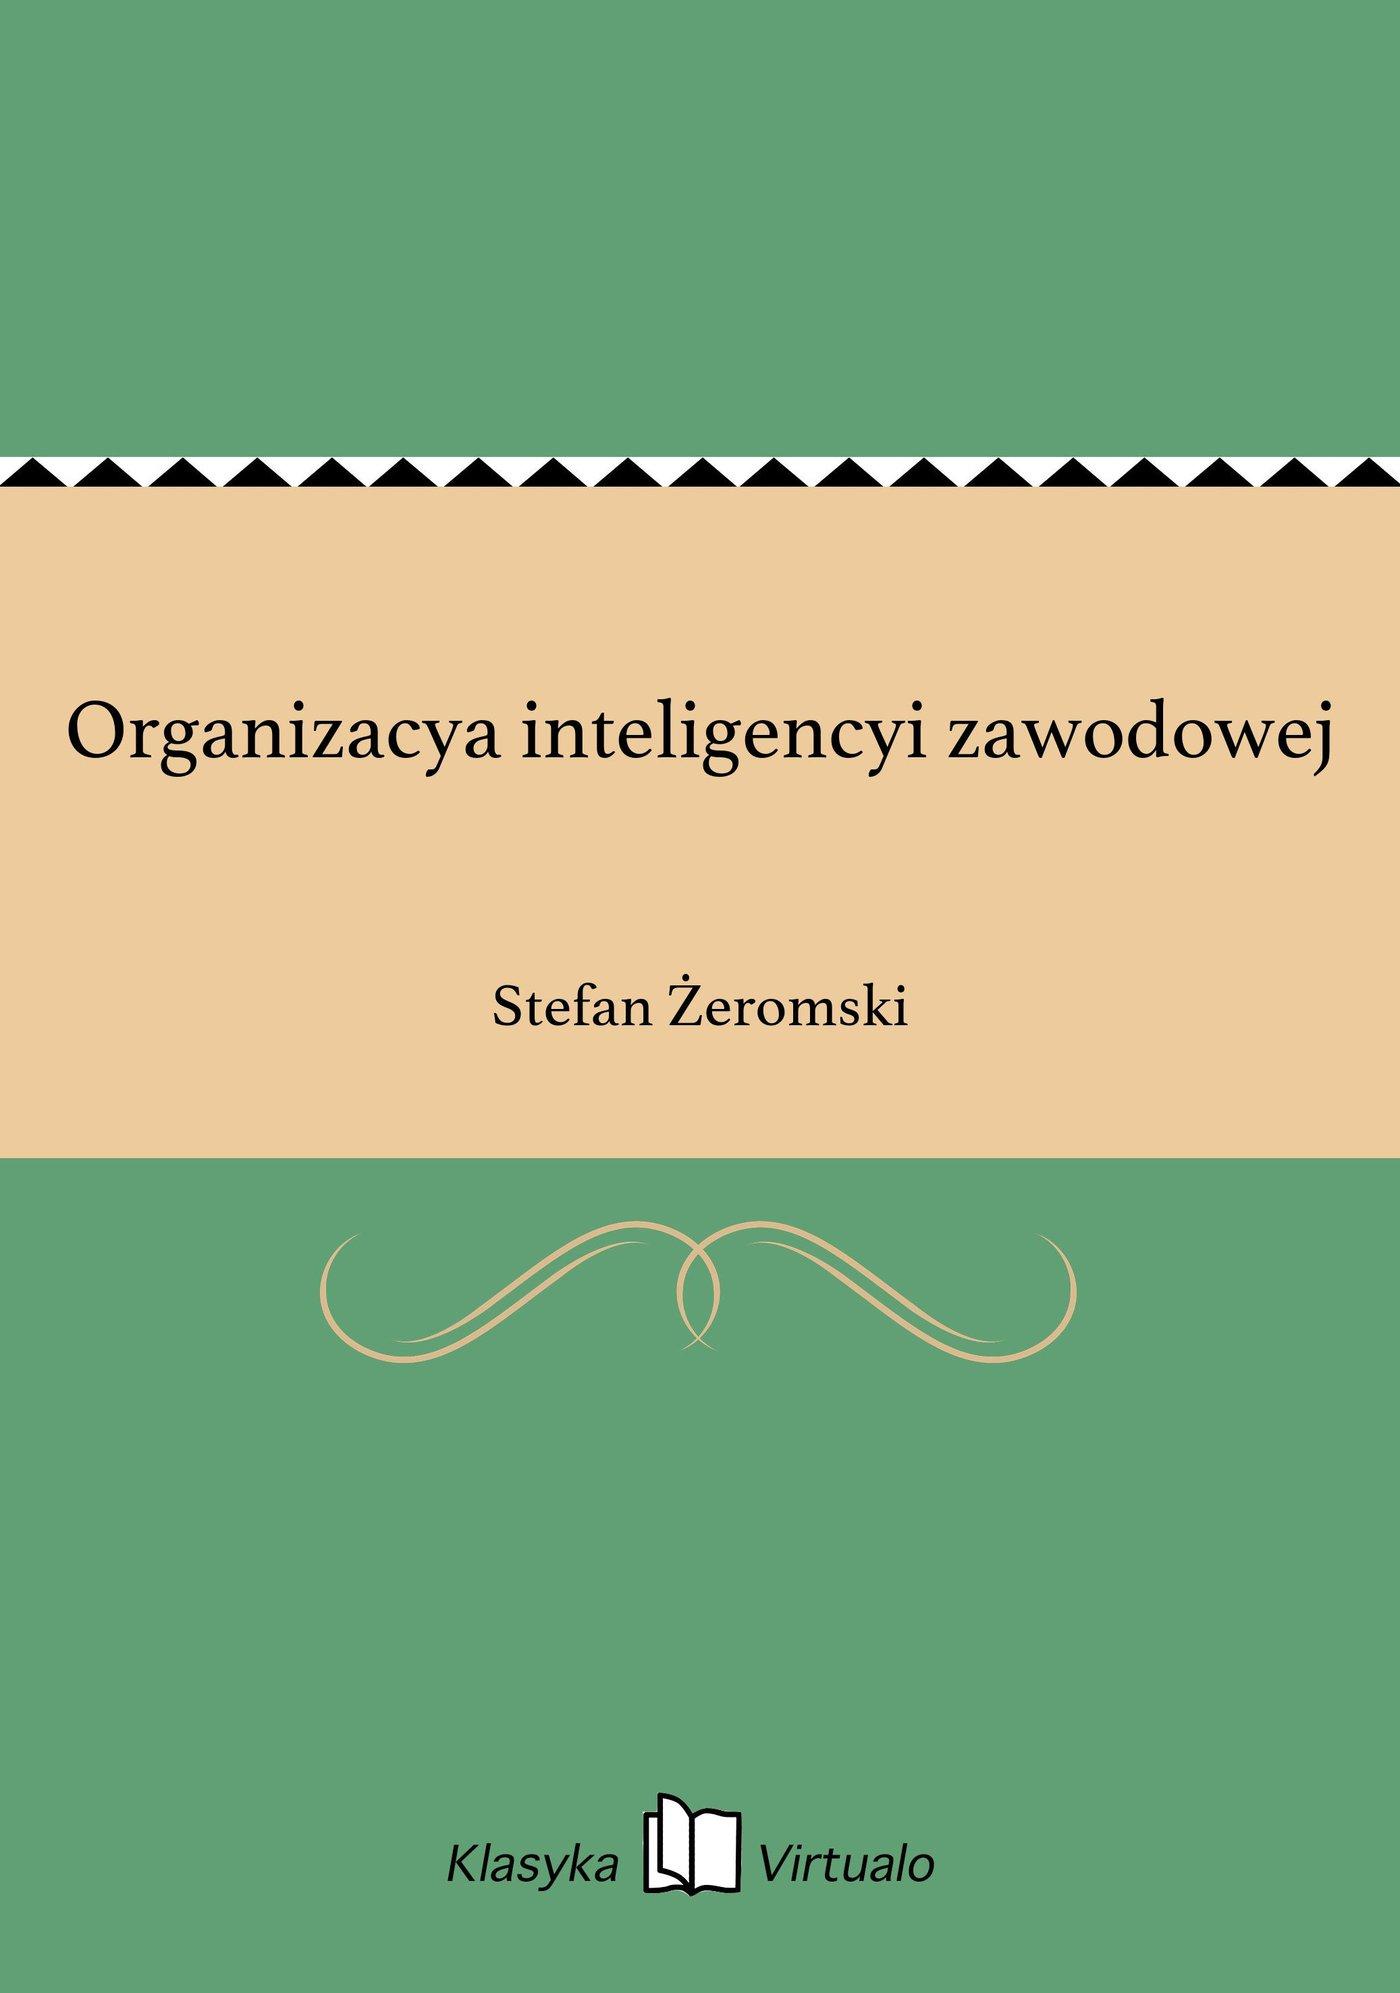 Organizacya inteligencyi zawodowej - Ebook (Książka na Kindle) do pobrania w formacie MOBI